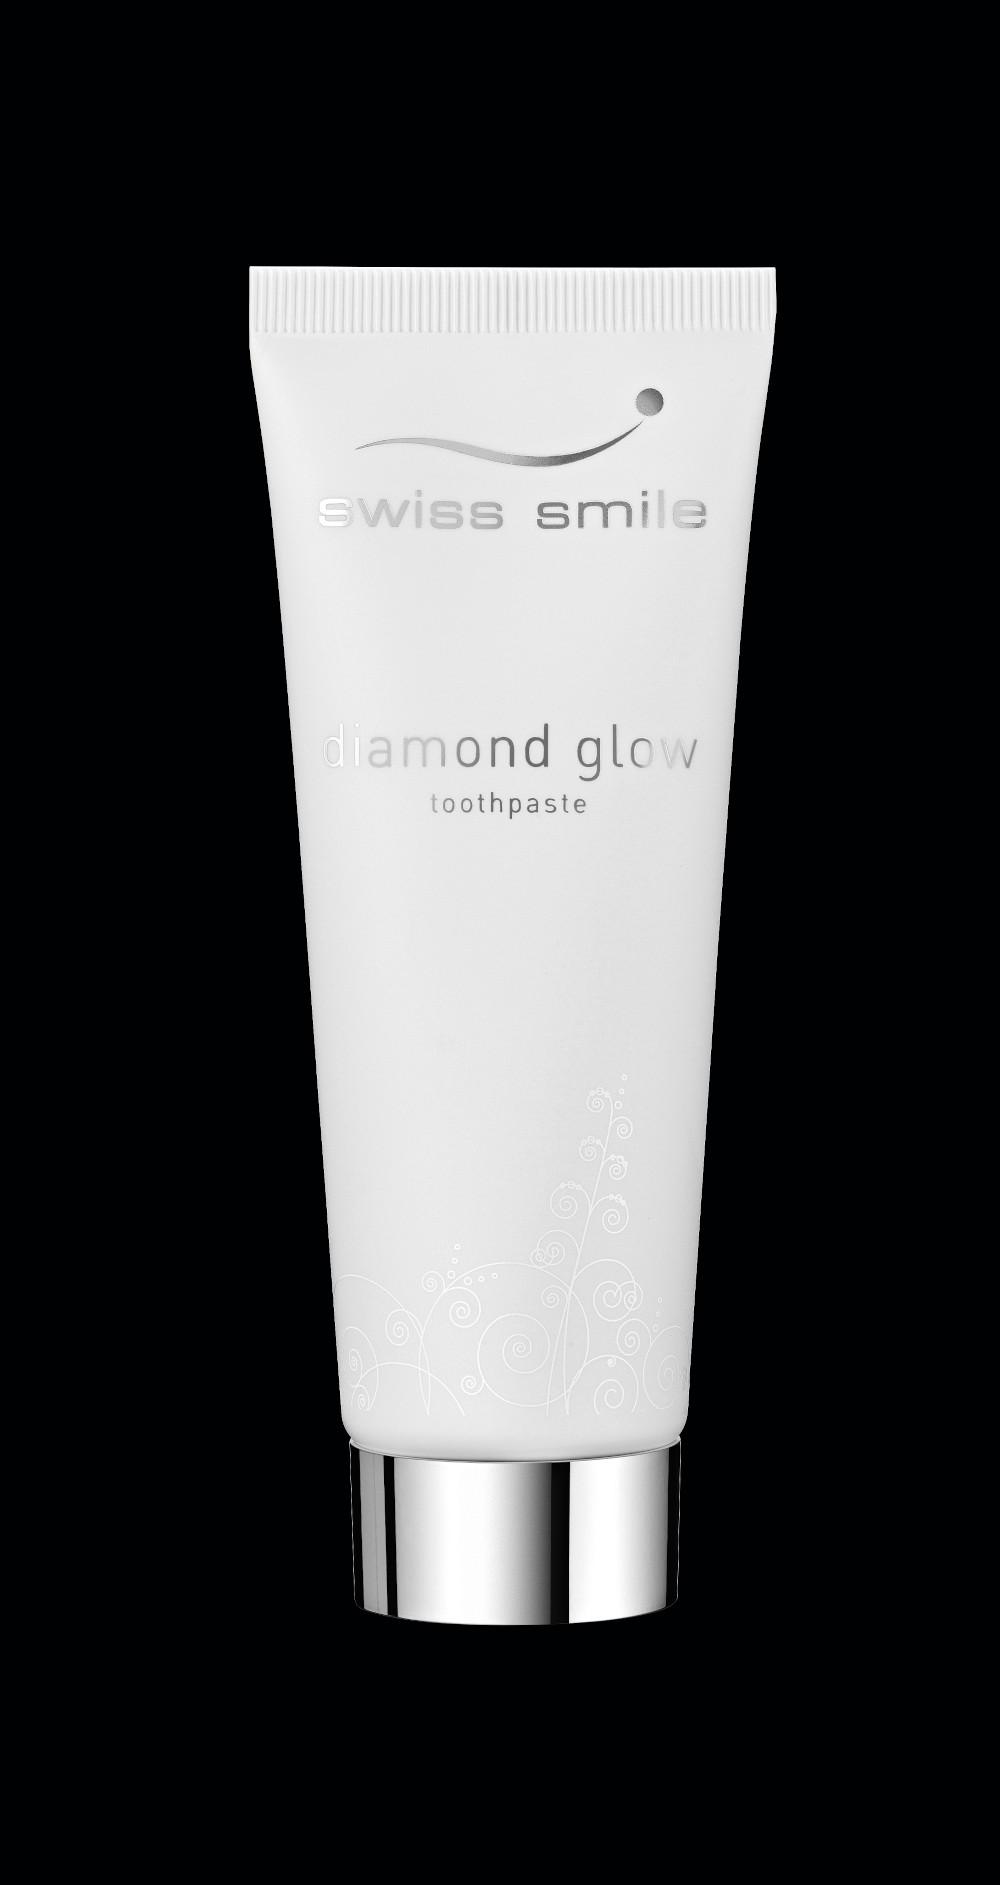 negru 91600015 diamond glow toothpaste Diamond glow pasta de dinti fara fluor